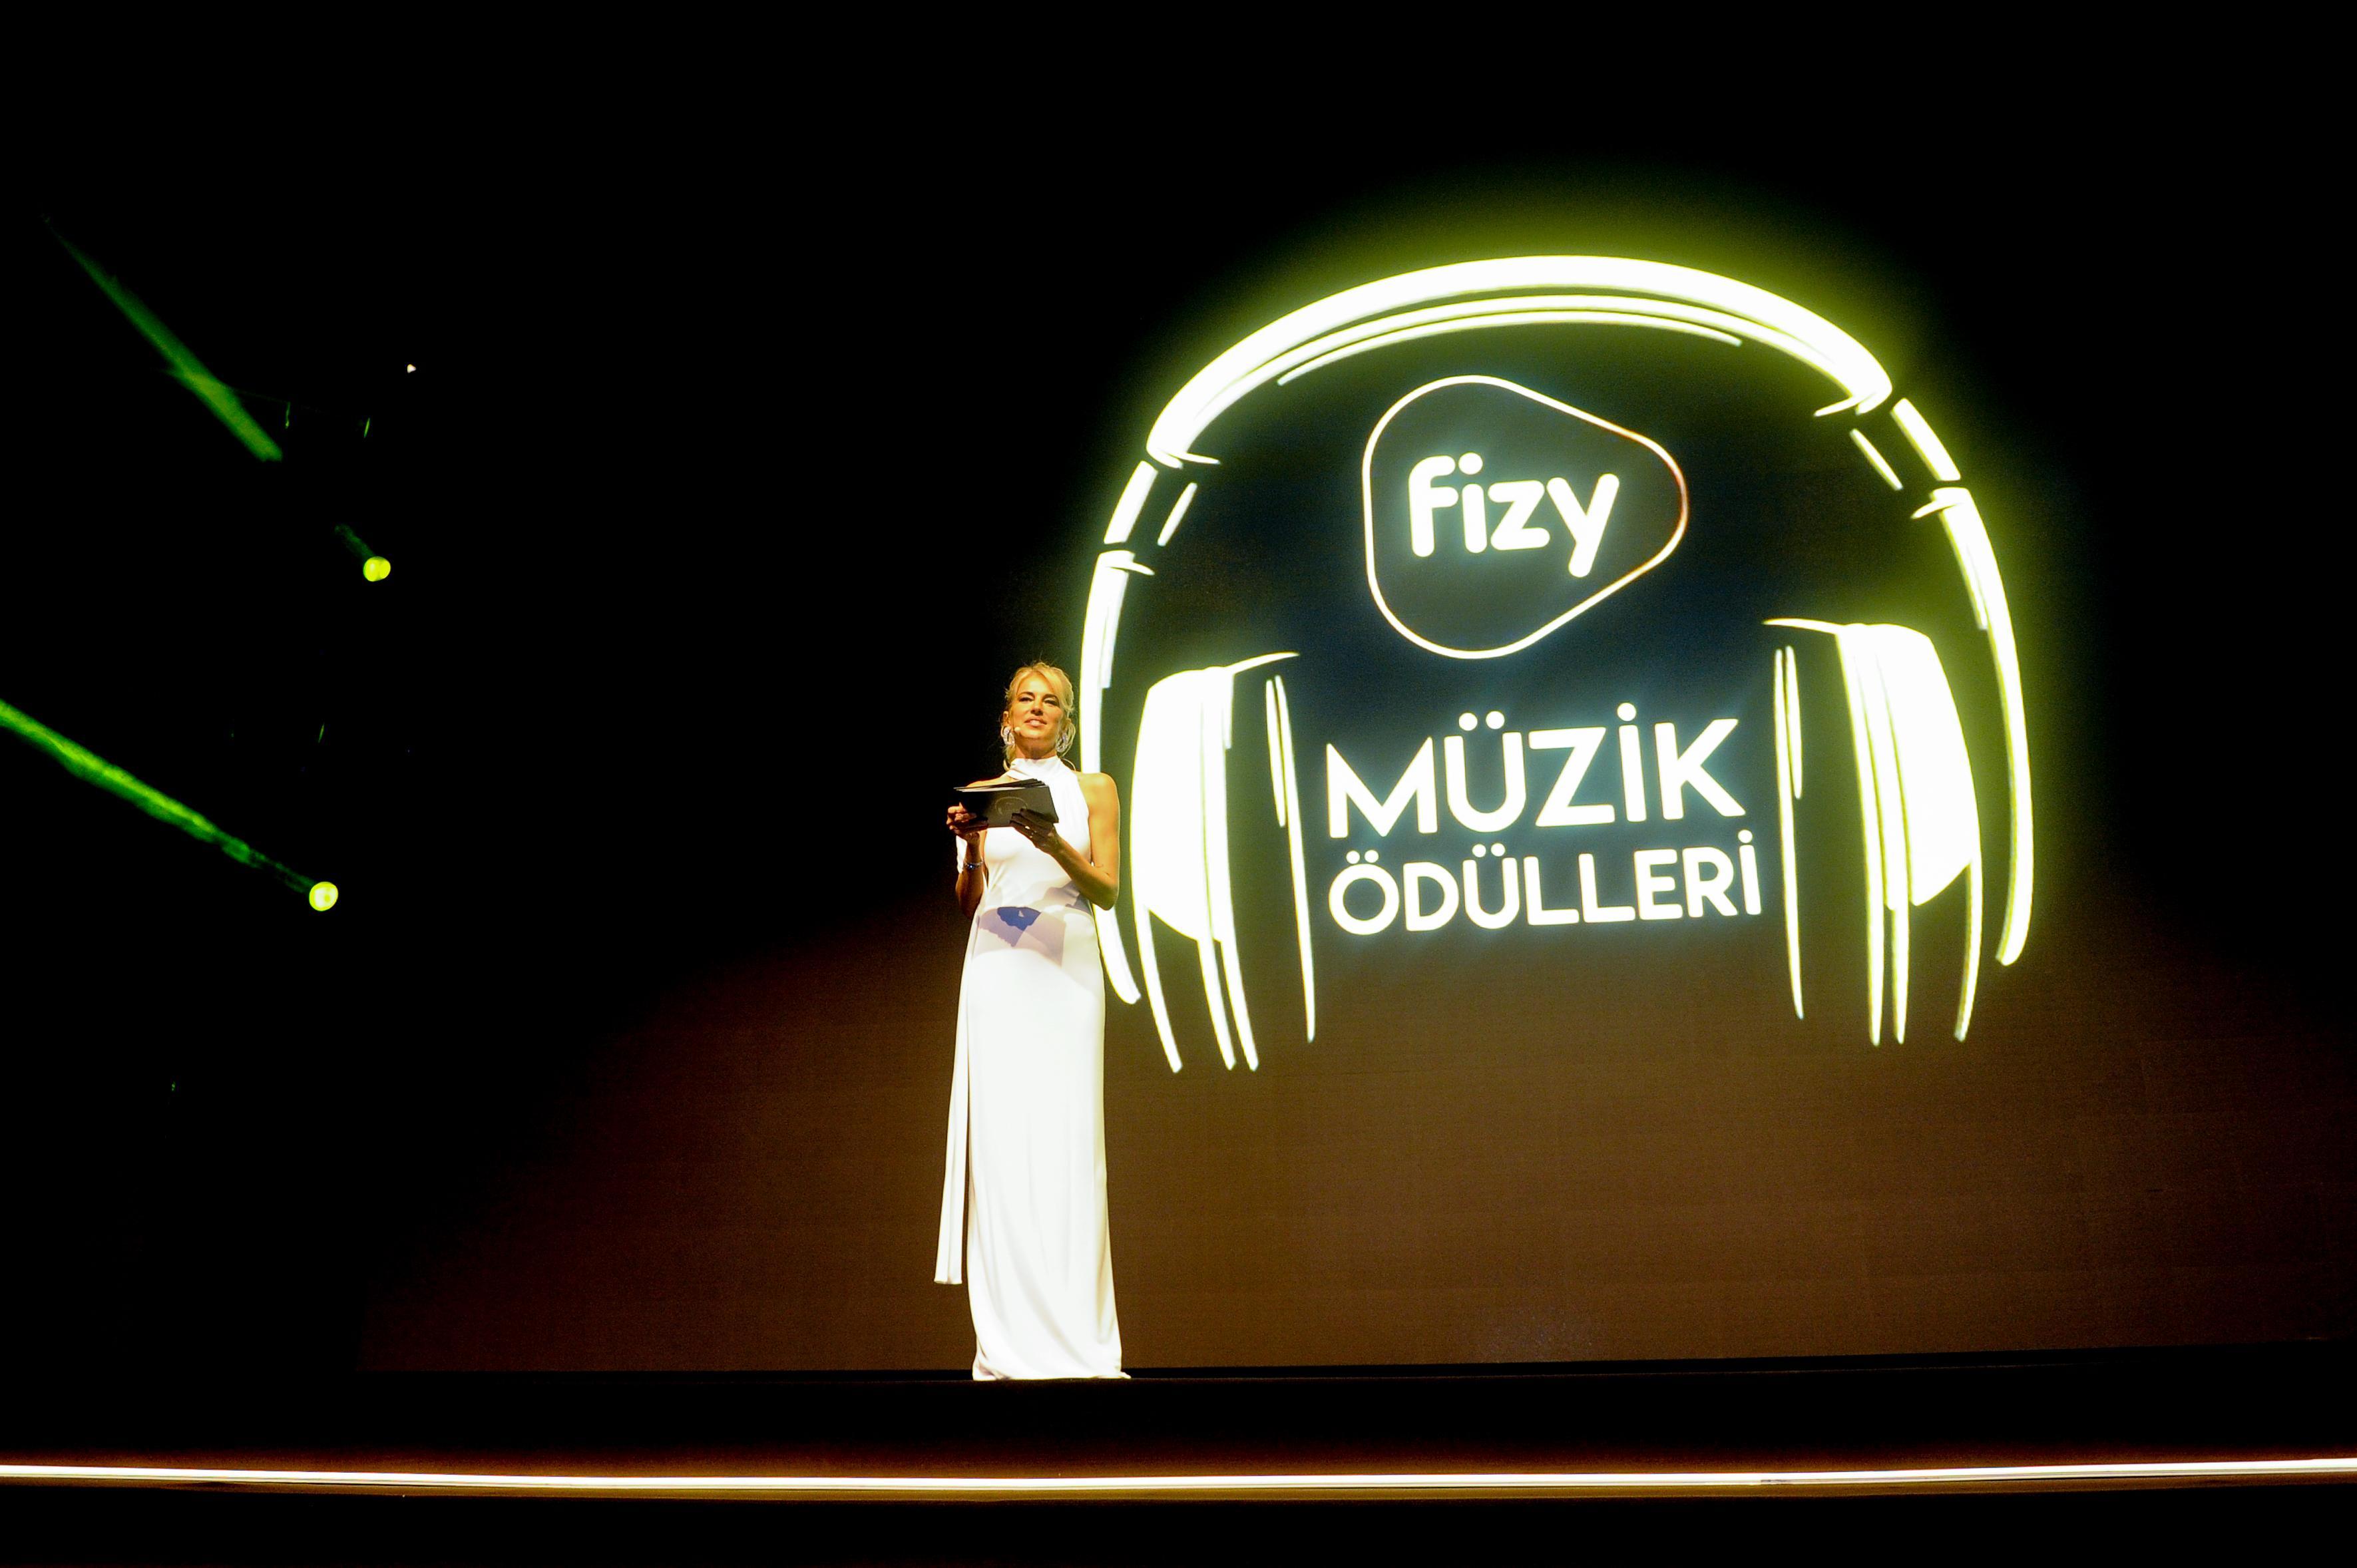 fizy Müzik Ödülleri, Atlantis Yapım, Zorlu Performans Sanatları Merkezi ve SM Production Group organizasyonuyla, fizy ana sponsorluğunda gerçekleşen fizy İstanbul Müzik Haftası kapsamında düzenlenen törenle sahiplerini buldu.